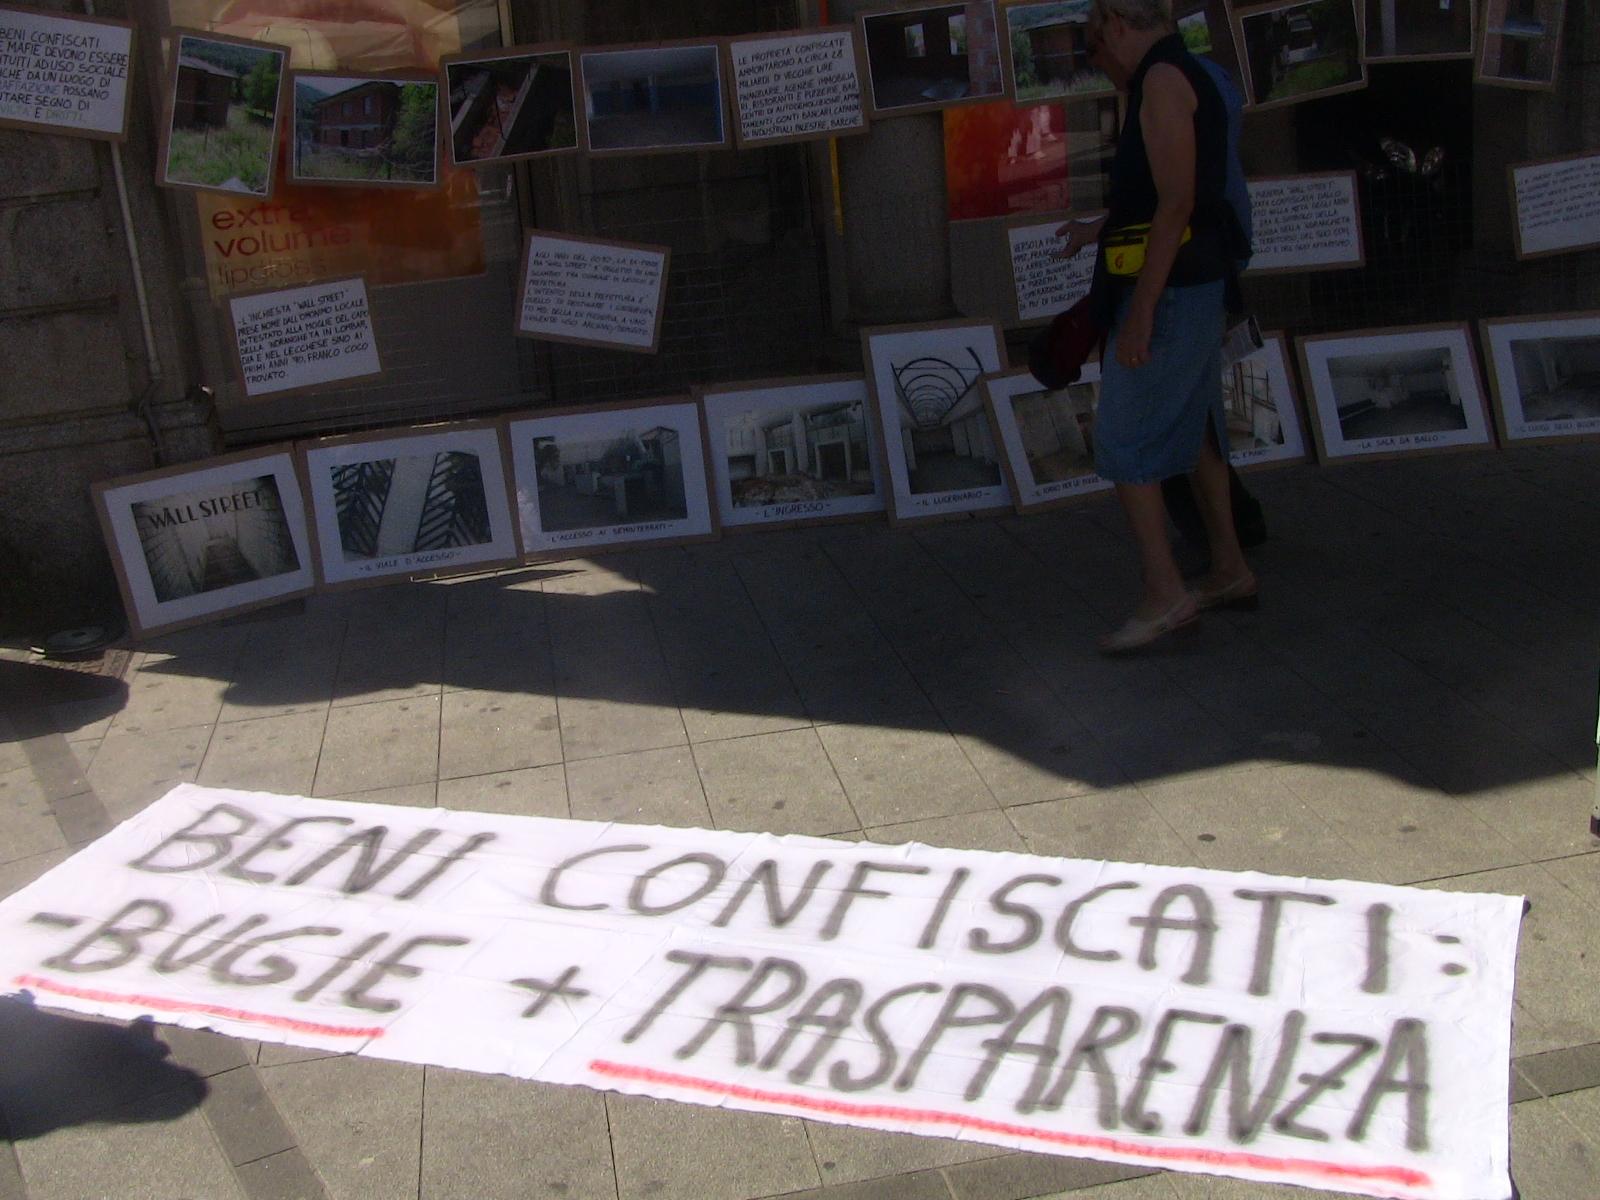 Beni confiscati a Lecco: i cittadini chiedono trasparenza